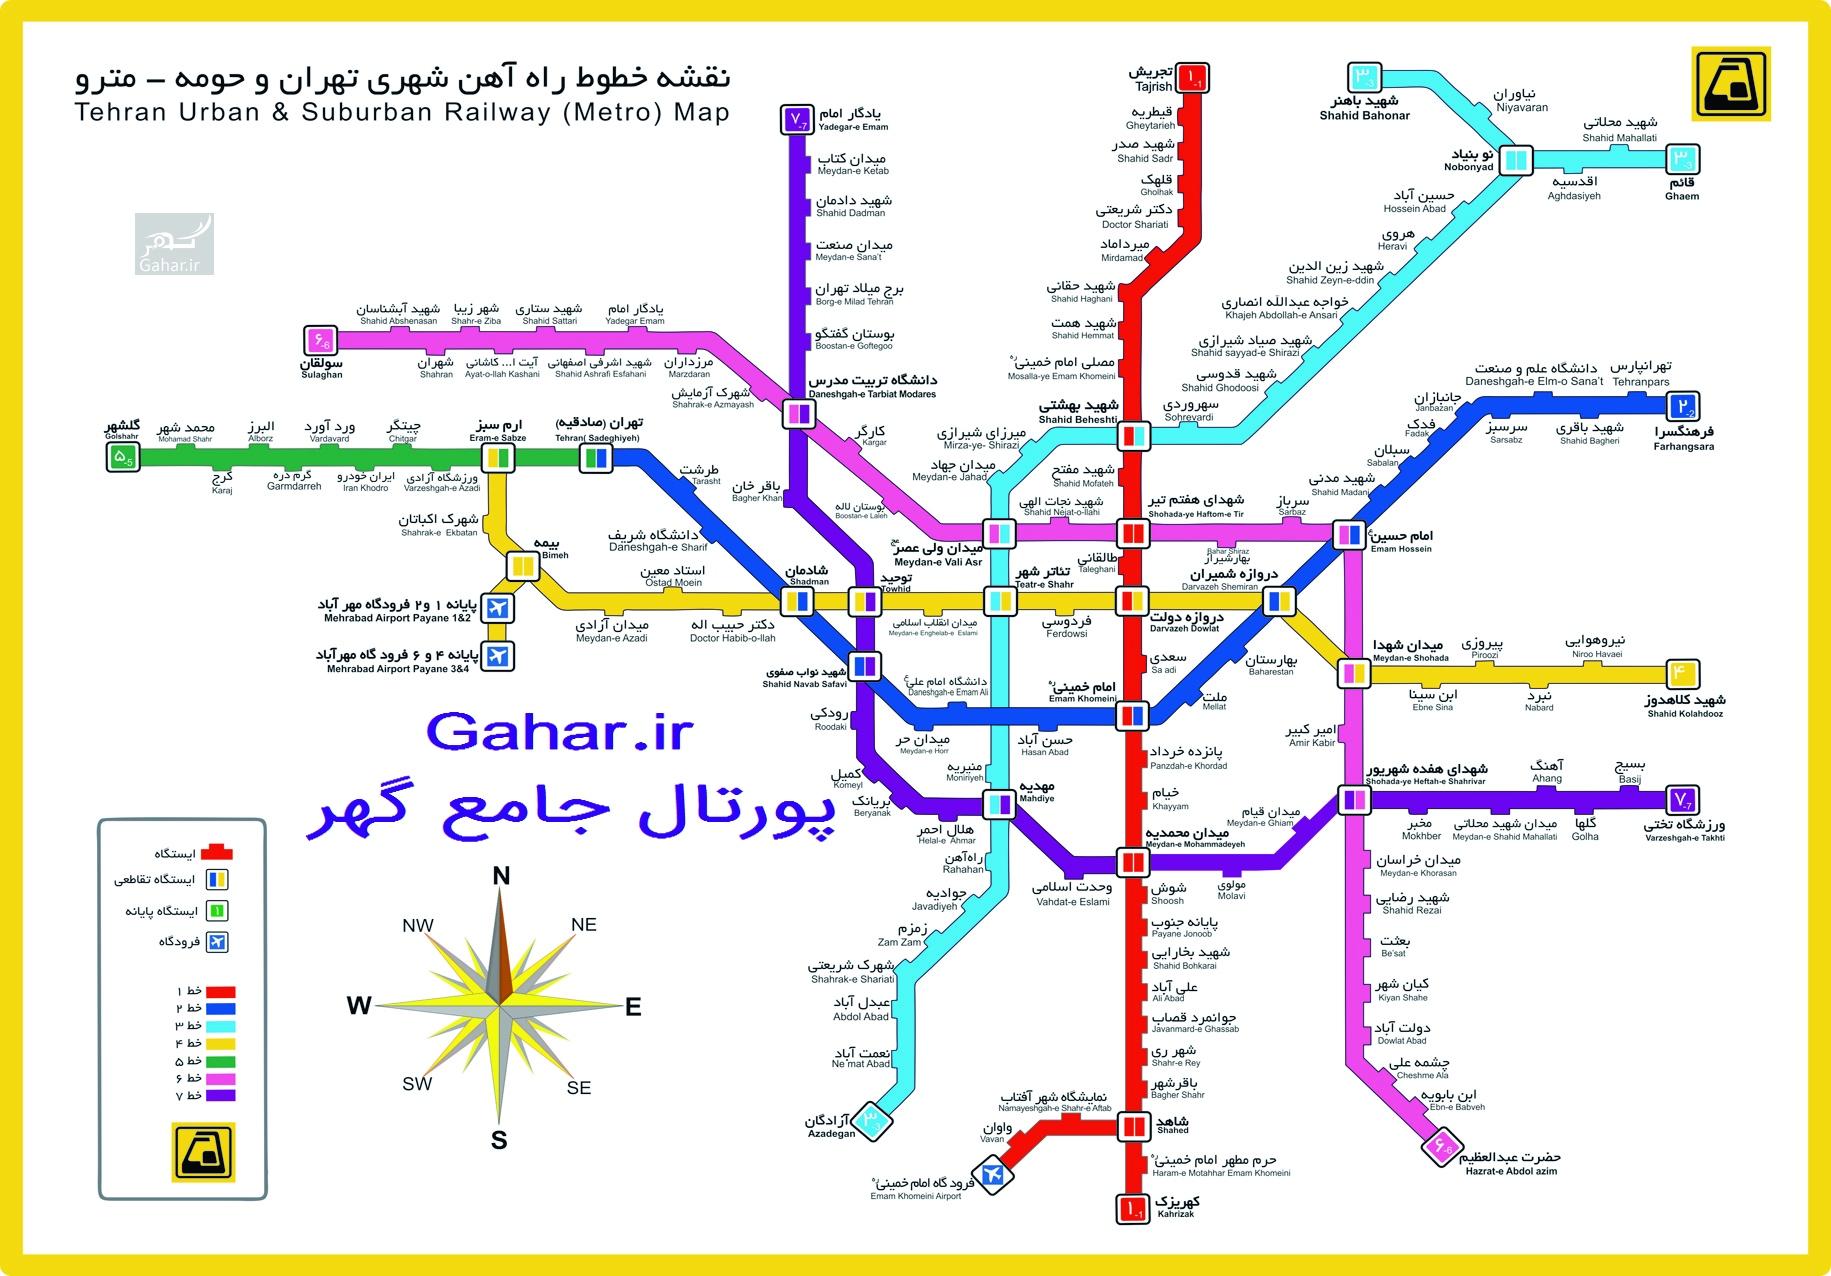 1491568532 نقشه جدید کامل خطوط 1 تا 7 متروی تهران / نقشه مترو تهران